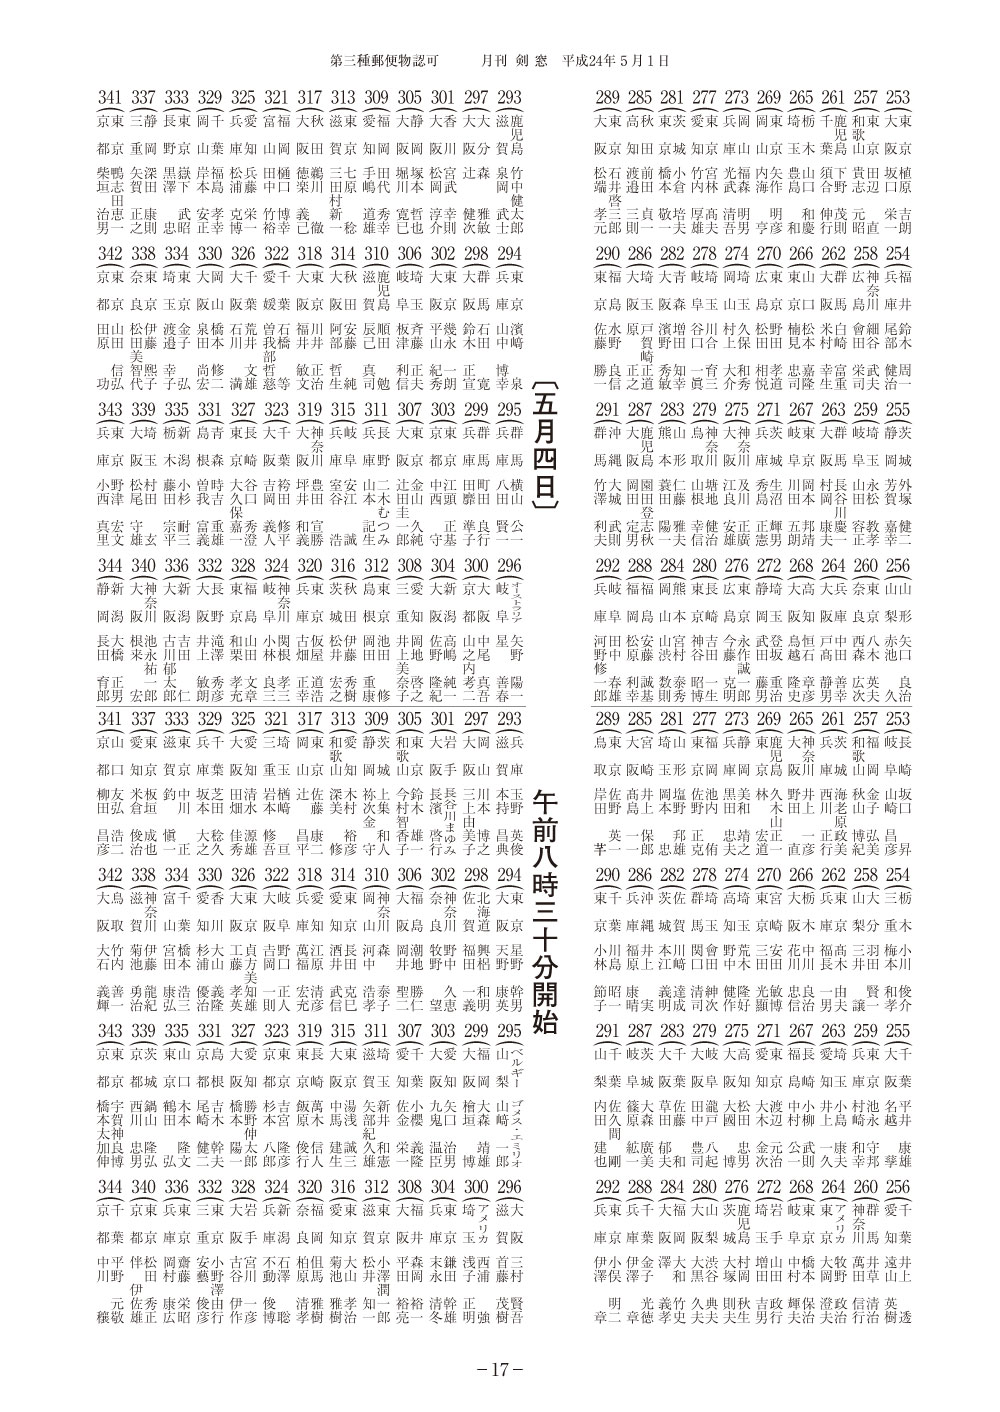 第108回全日本剣道演武大会(剣道)組合せ_004